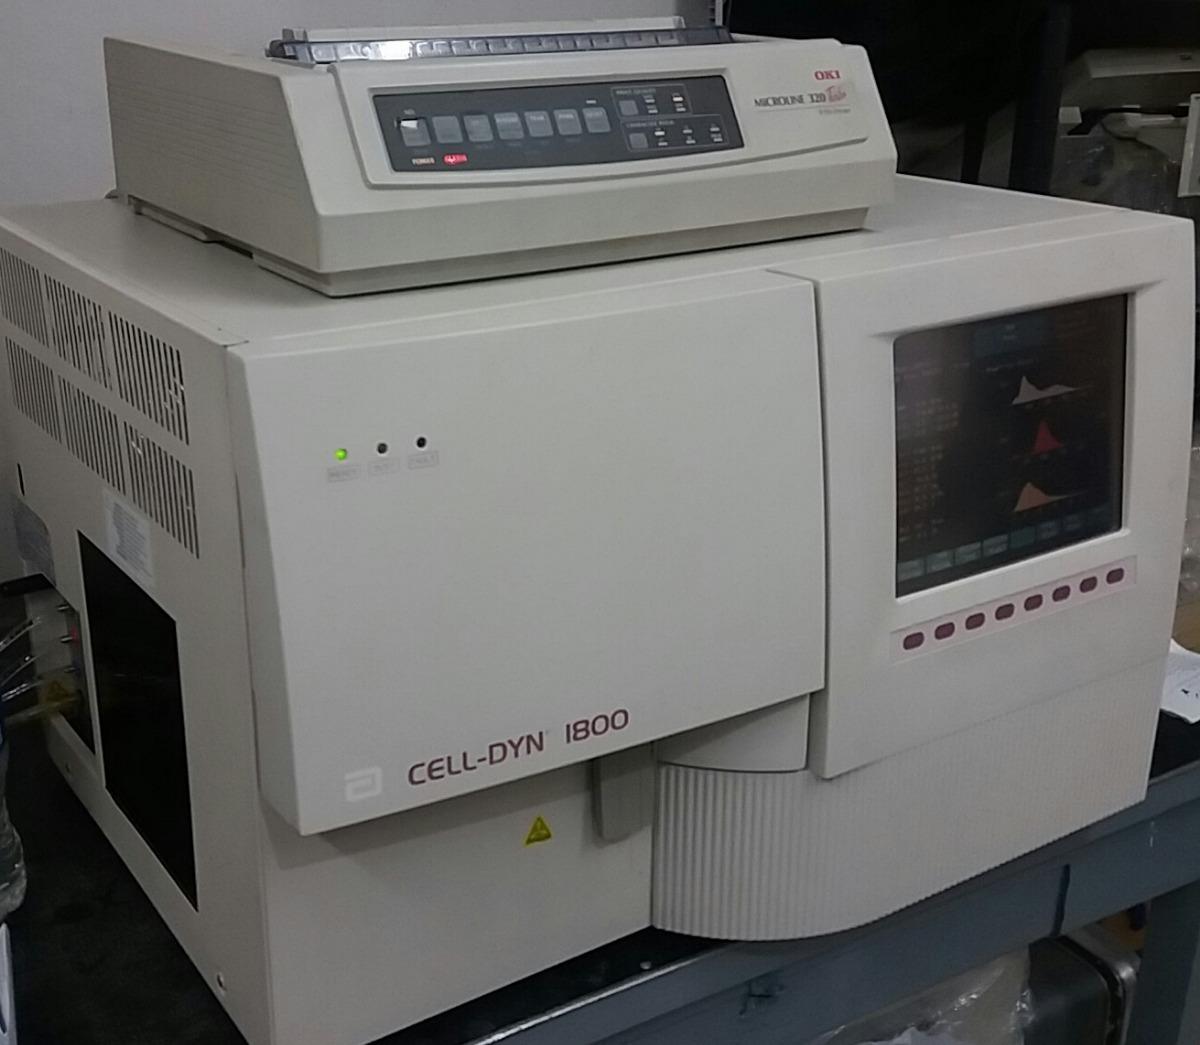 Venta Equipos Abbott Celldyn Alcyon Reactivos Cds